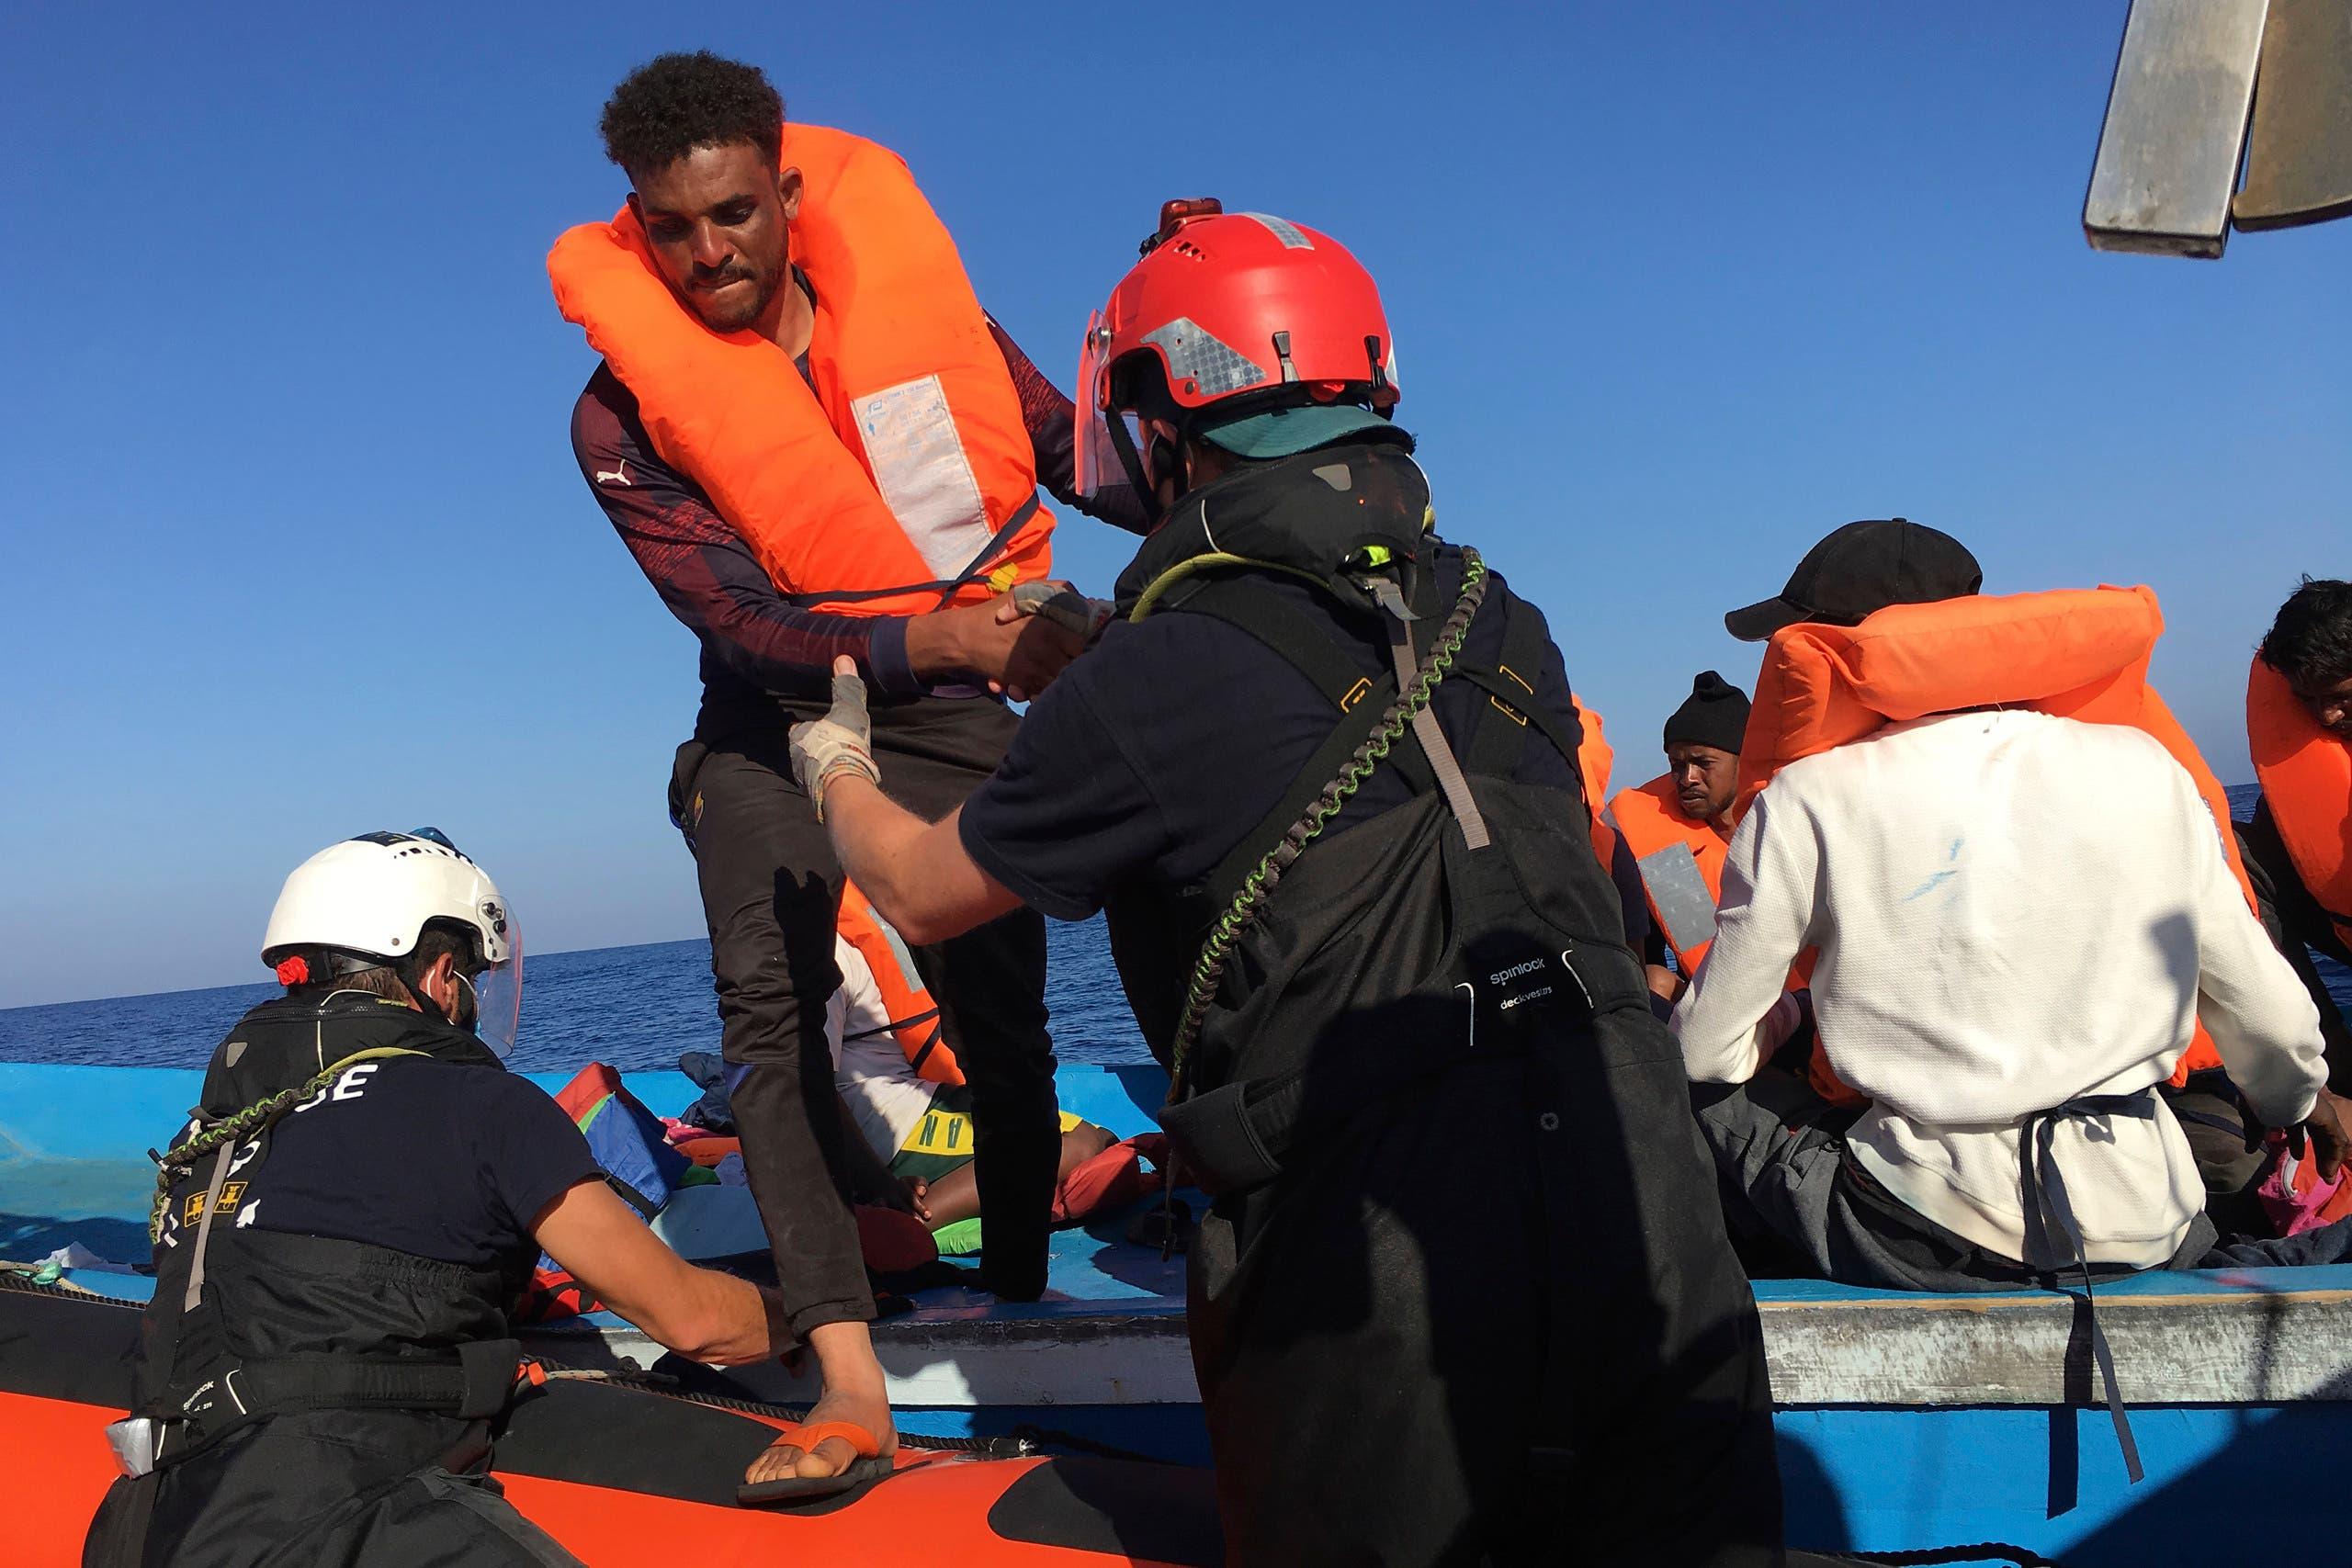 قسم من المهاجرين الذين أنقذتهم سفينة أوشن فايكينغ